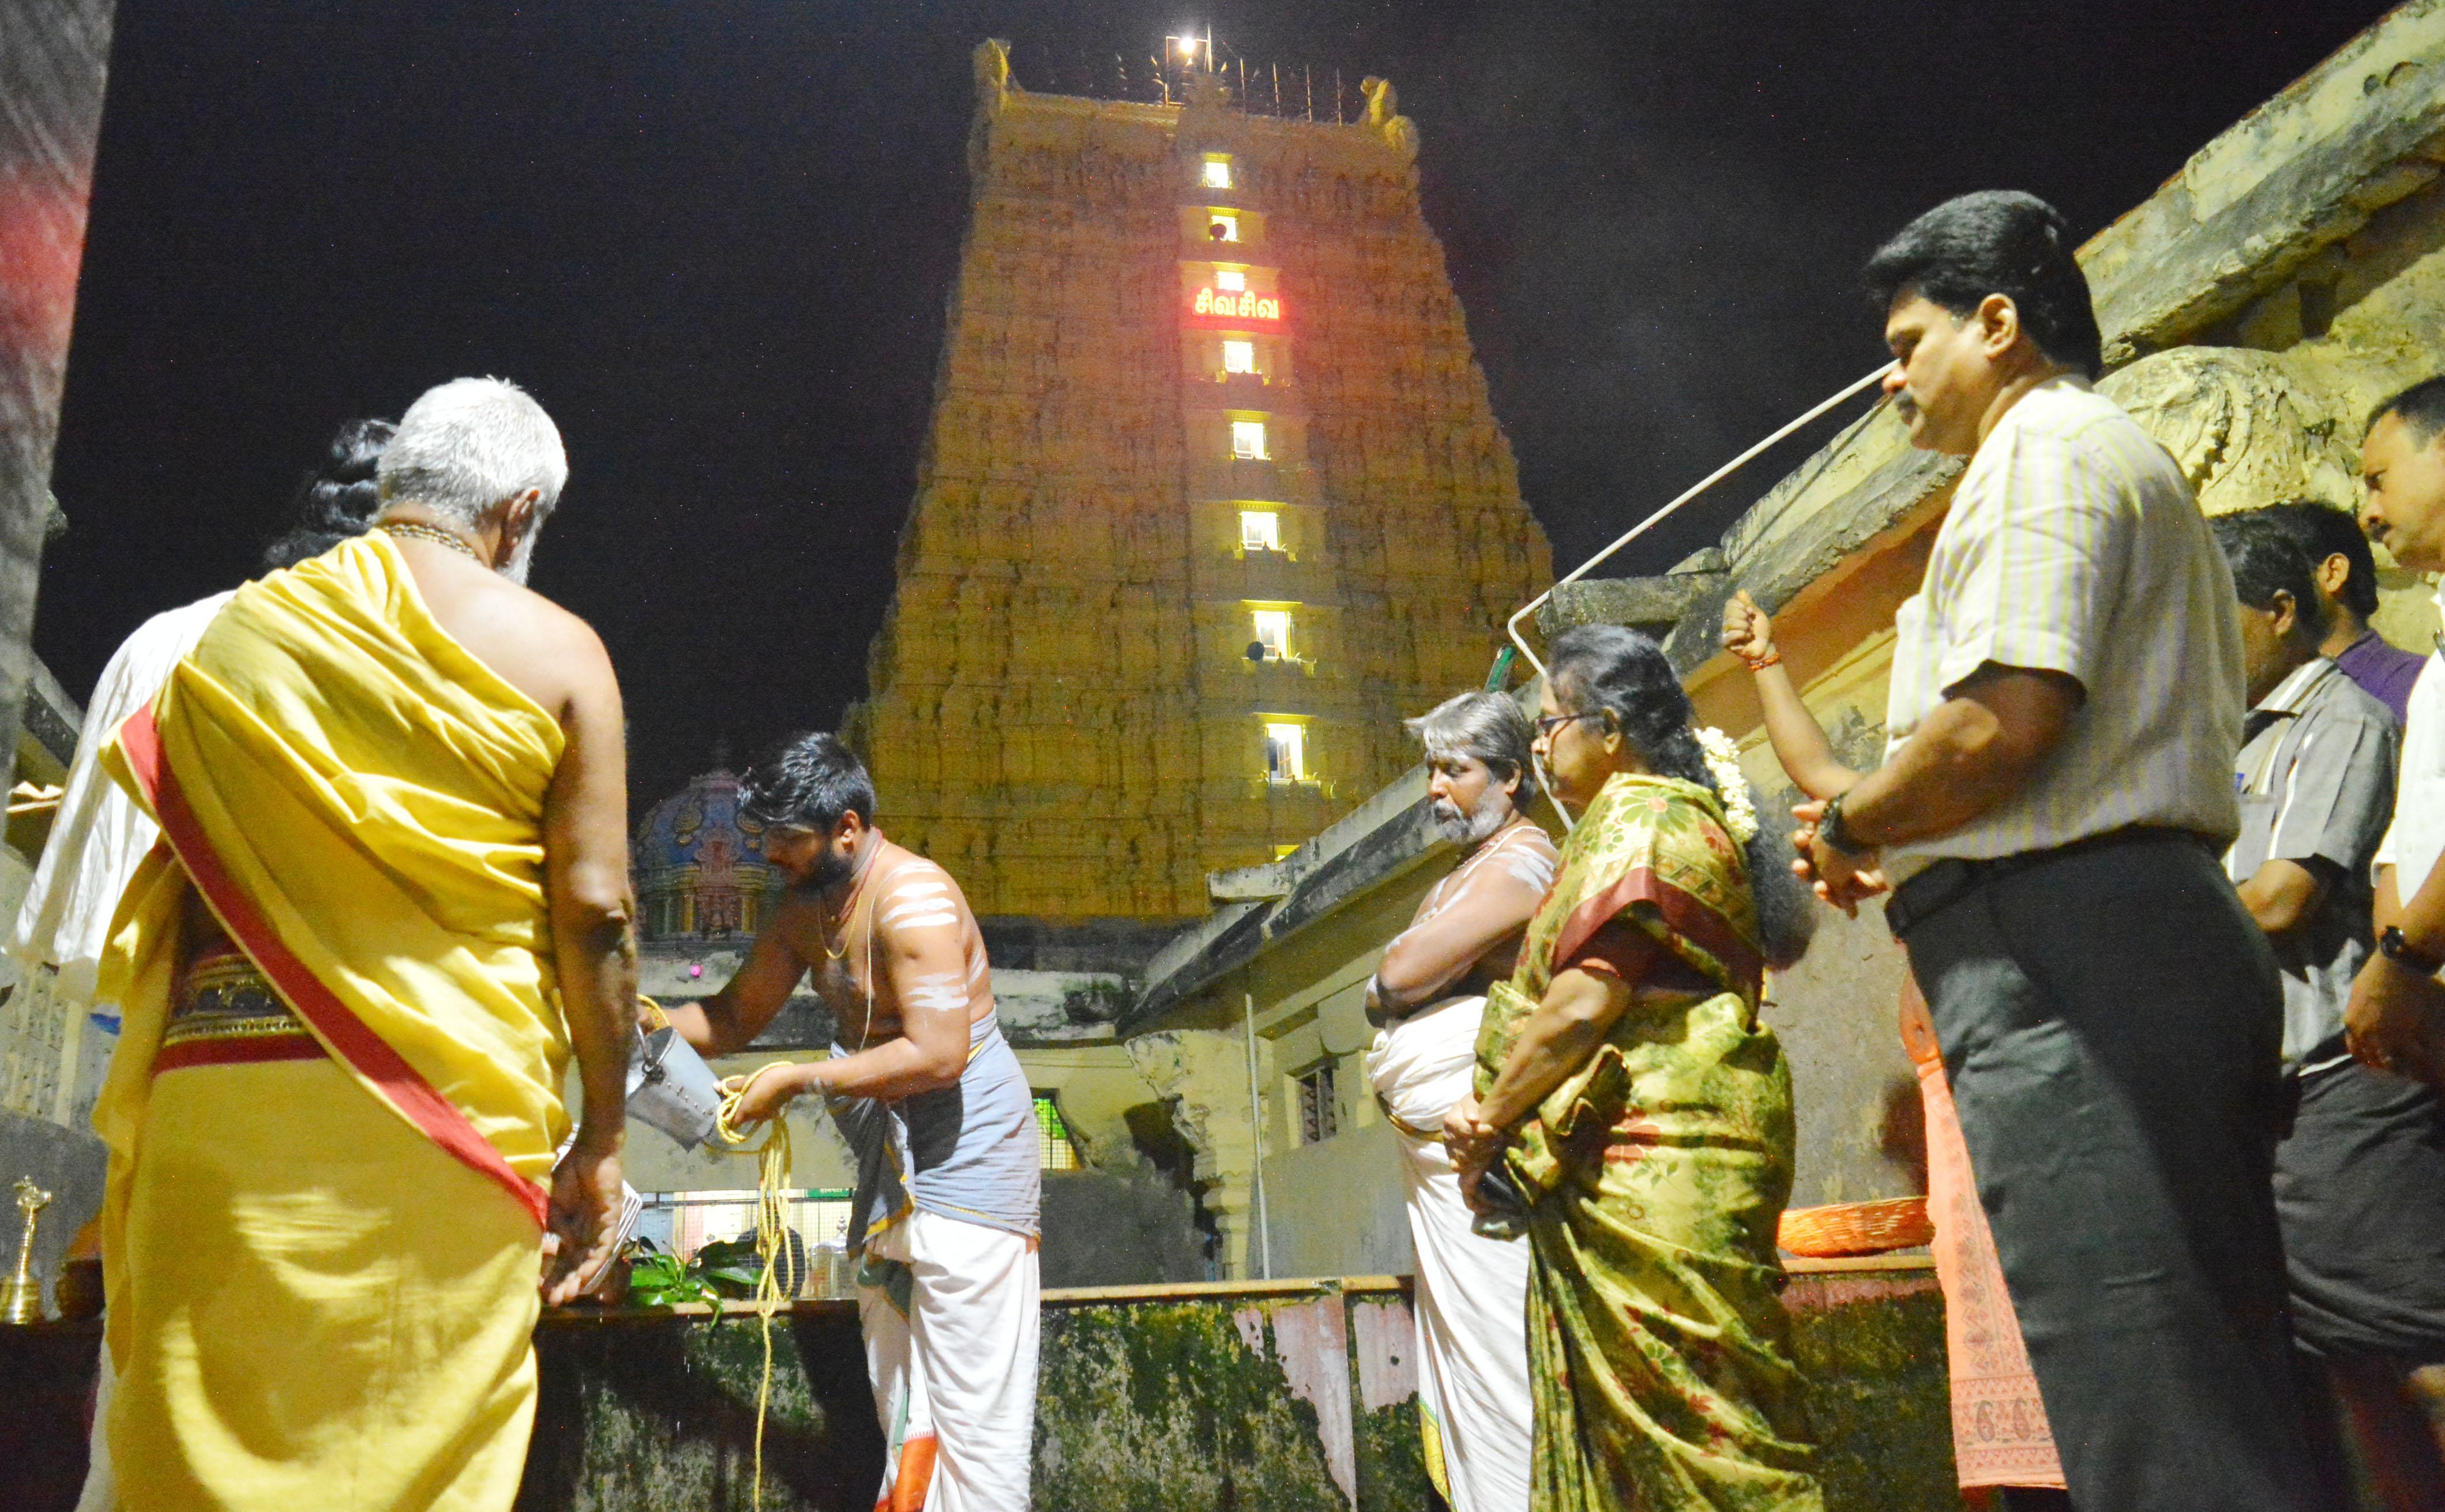 ராமேஸ்வரம் கோயில் மகாலட்சுமி தீர்த்தம்